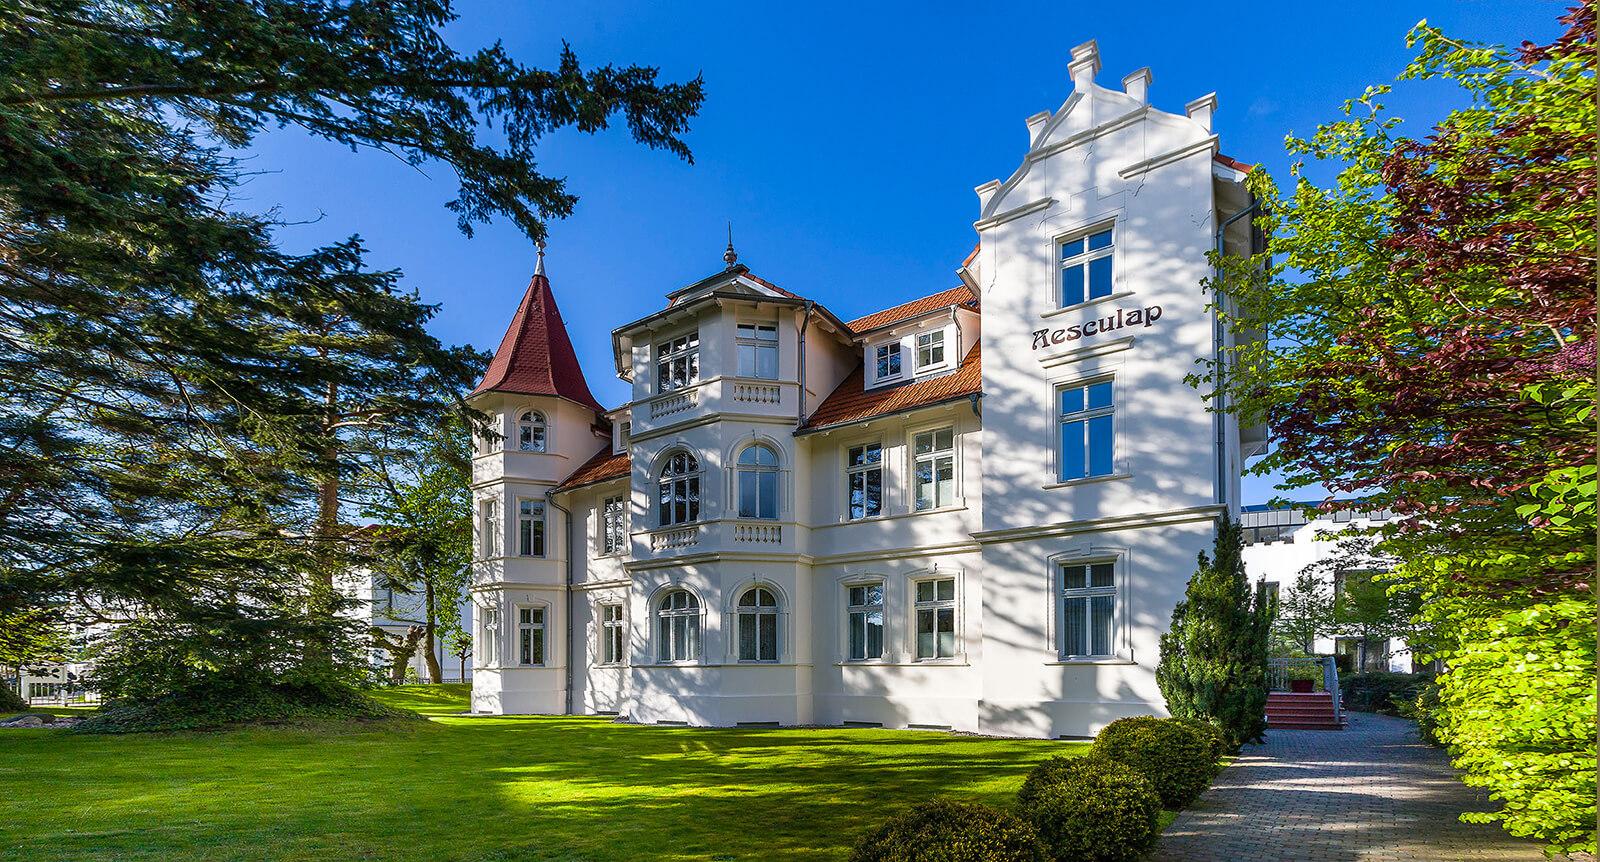 Villa Aesculap - Ferienwohnungen in Binz